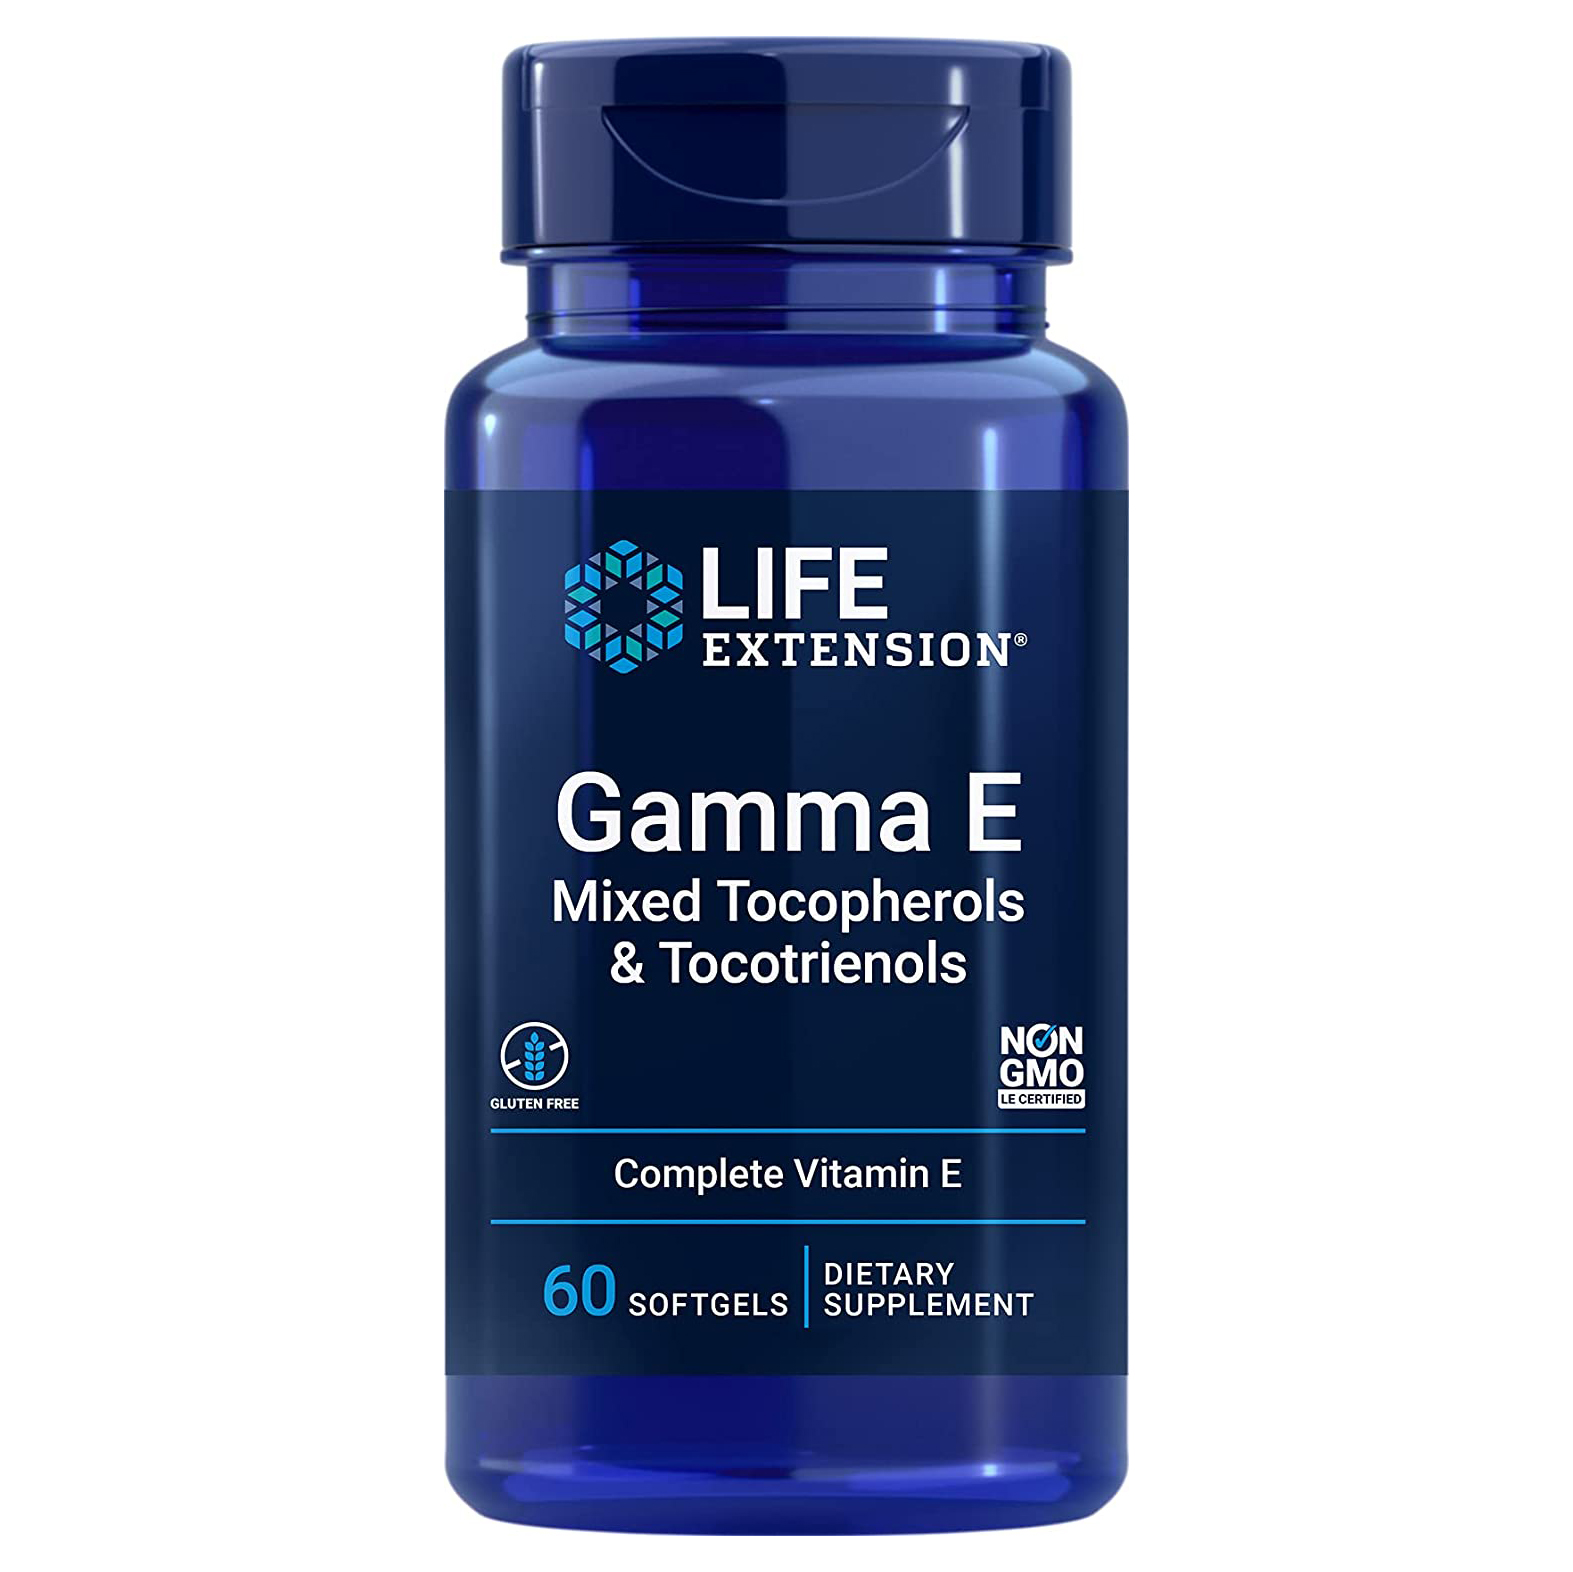 Life Extension 新生活 ライフエクステンション ガンマE 60ソフトジェル 海外直送品 超激安特価 トリエノール トコフェロールトコ